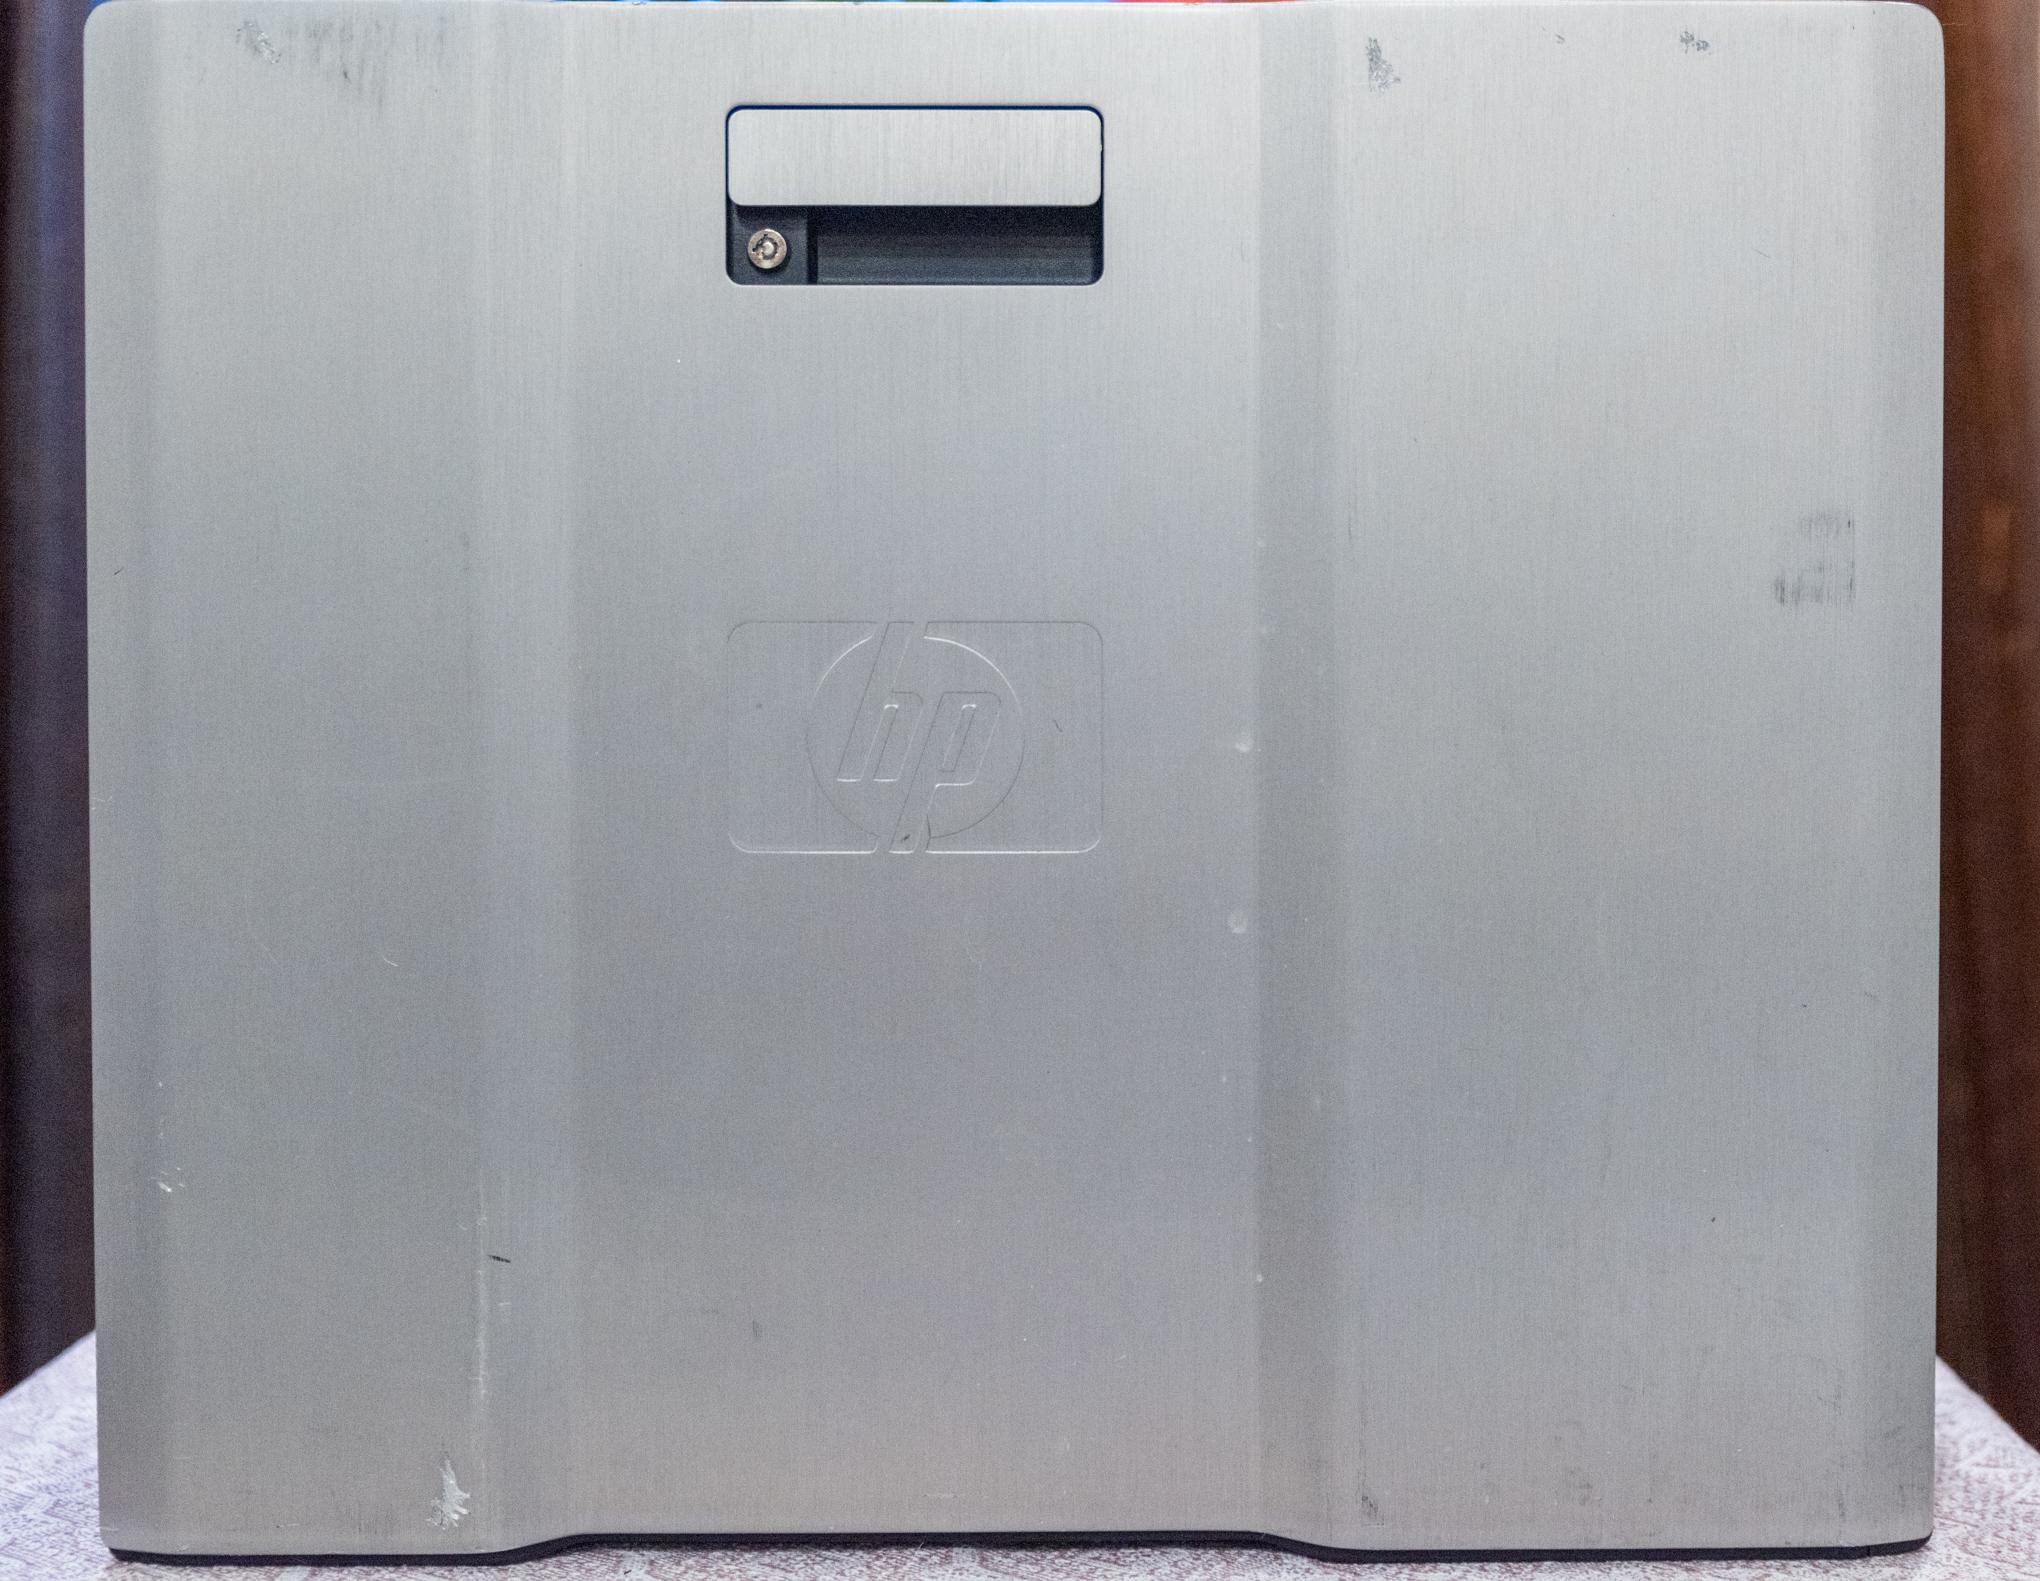 The HP Z800 exterior aluminium case